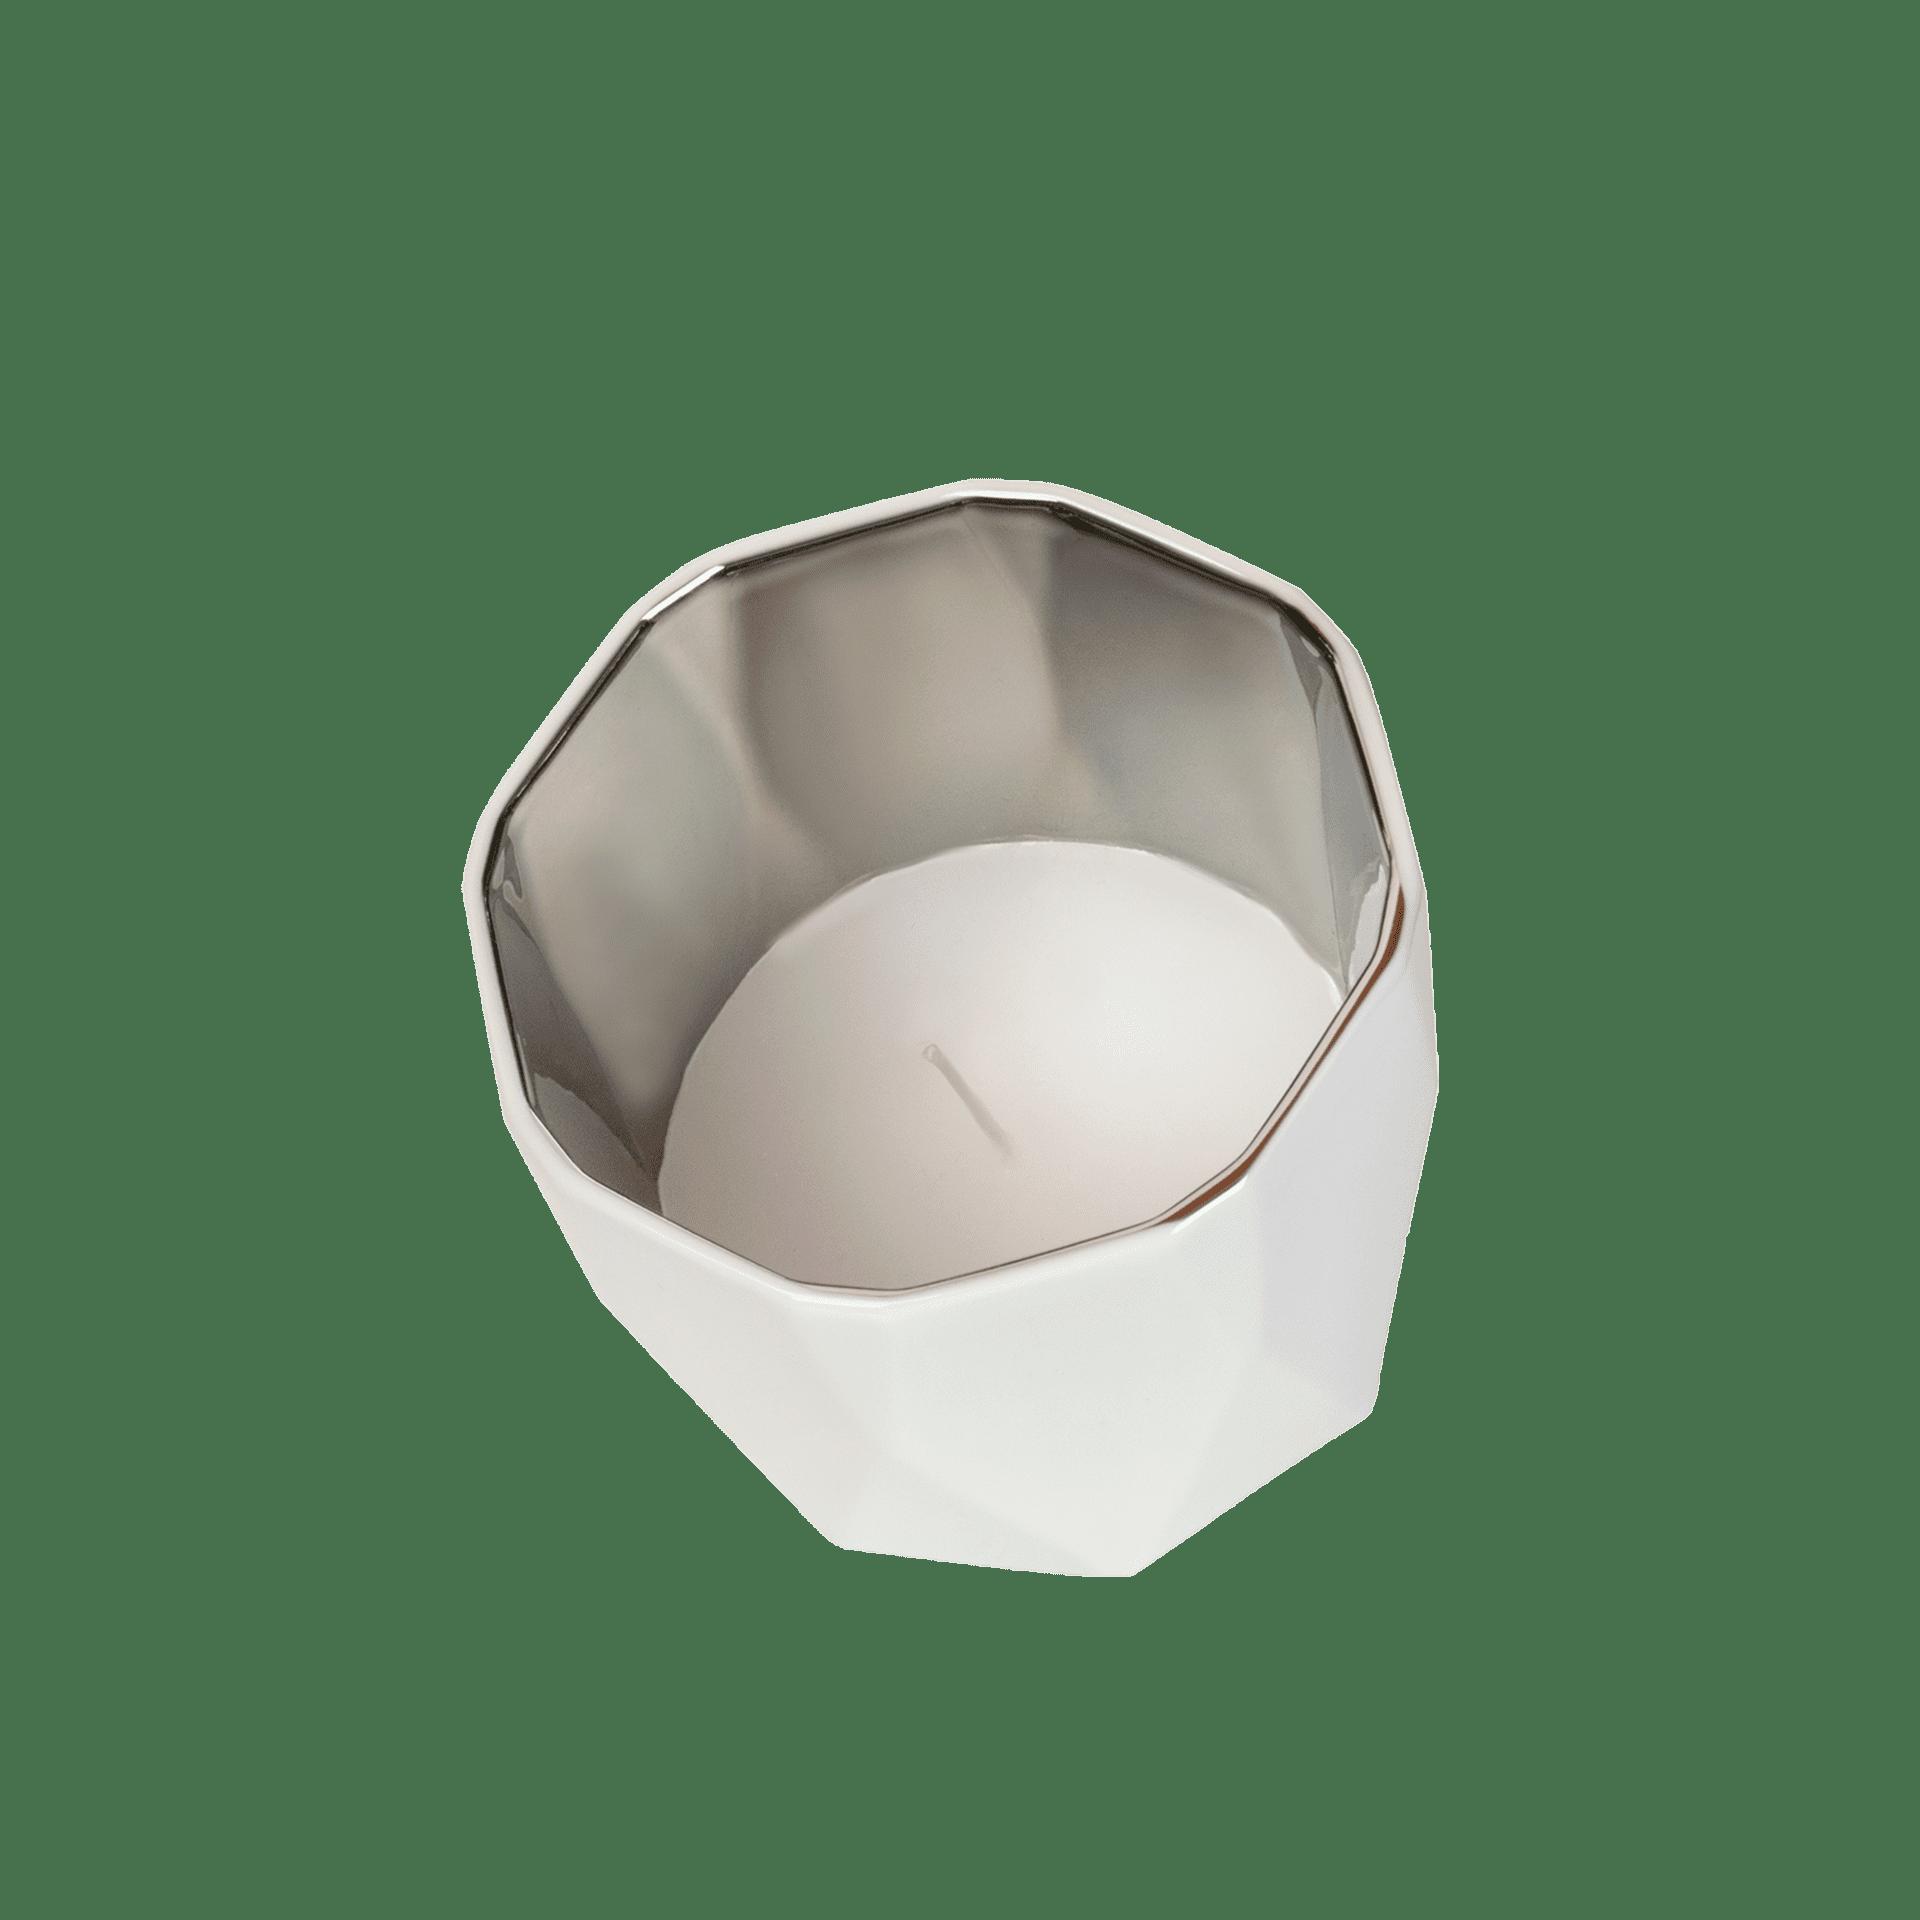 Tischlicht in Weiß mit Silber spiegelnd - Mahlwerck Shop